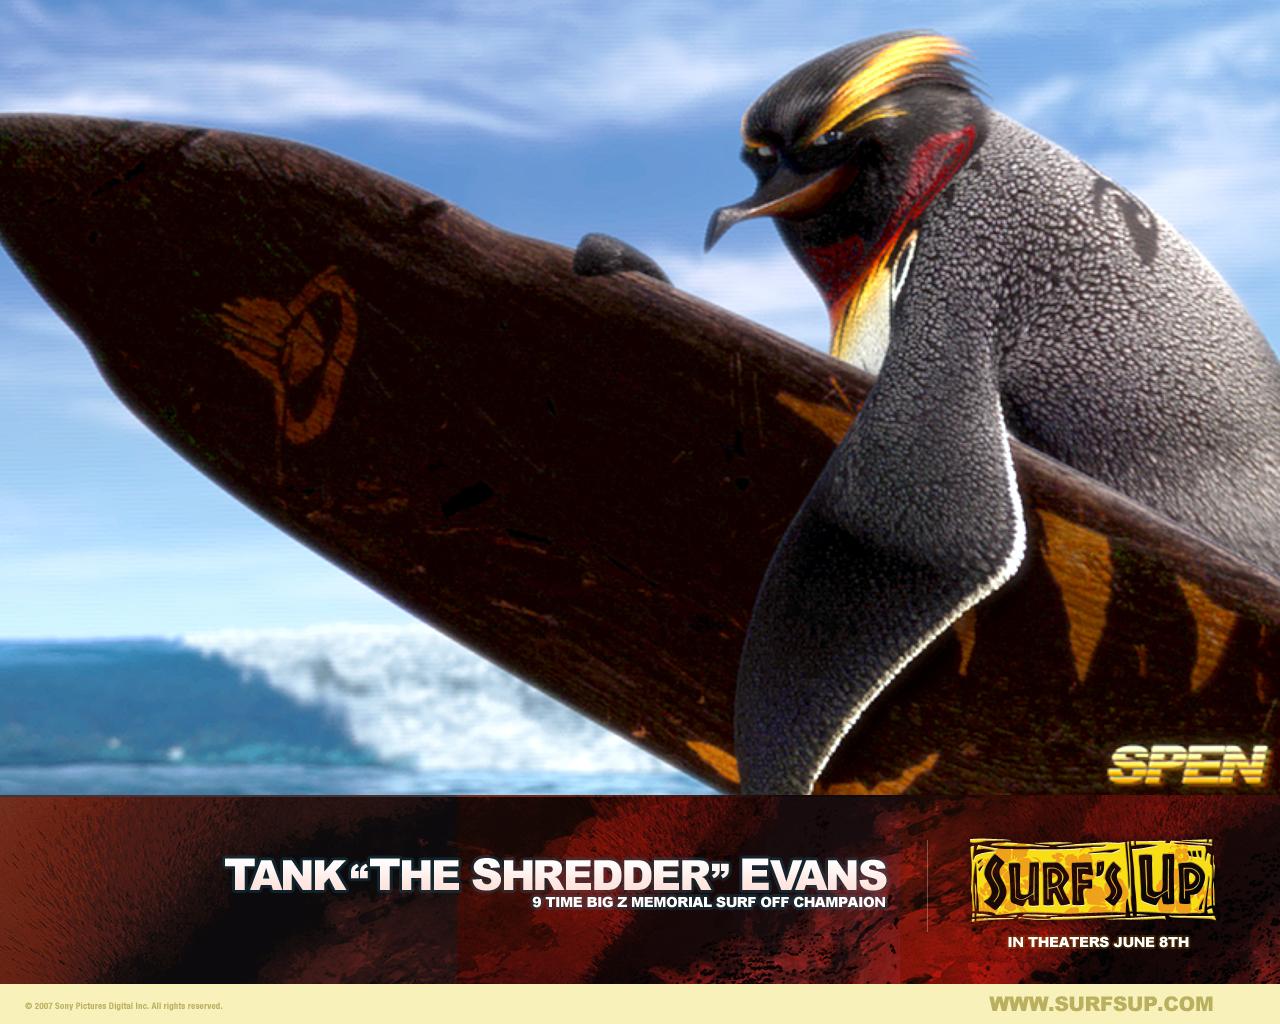 Tank Surf S Up Wallpaper 12227421 Fanpop